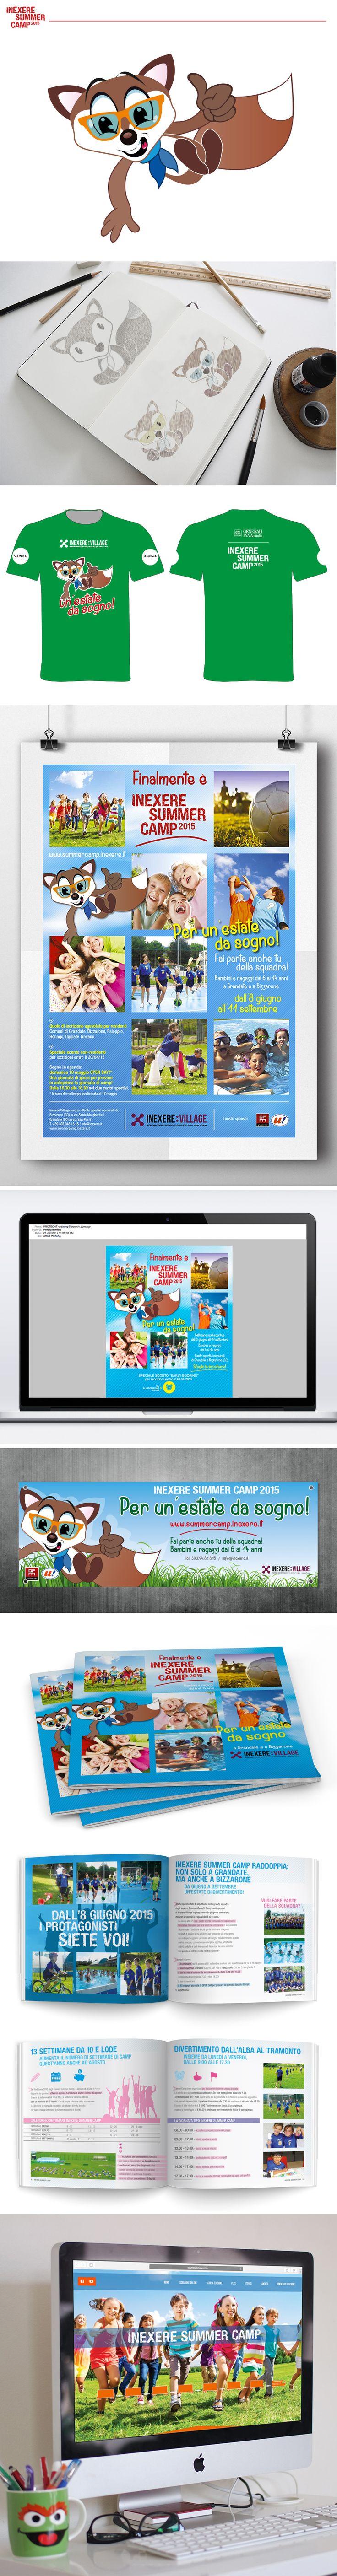 Inexere Summer Camp! Il progetto di Inexere Village dedicato interamente a bambini e ragazzi nel periodo estivo. Due centri, Grandate e Bizzarone, 3 mesi di attività, giochi e divertimento. Bcentric per il secondo anno si è occupato del progetto di comunicazione globale e di push marketing per le iscrizioni.